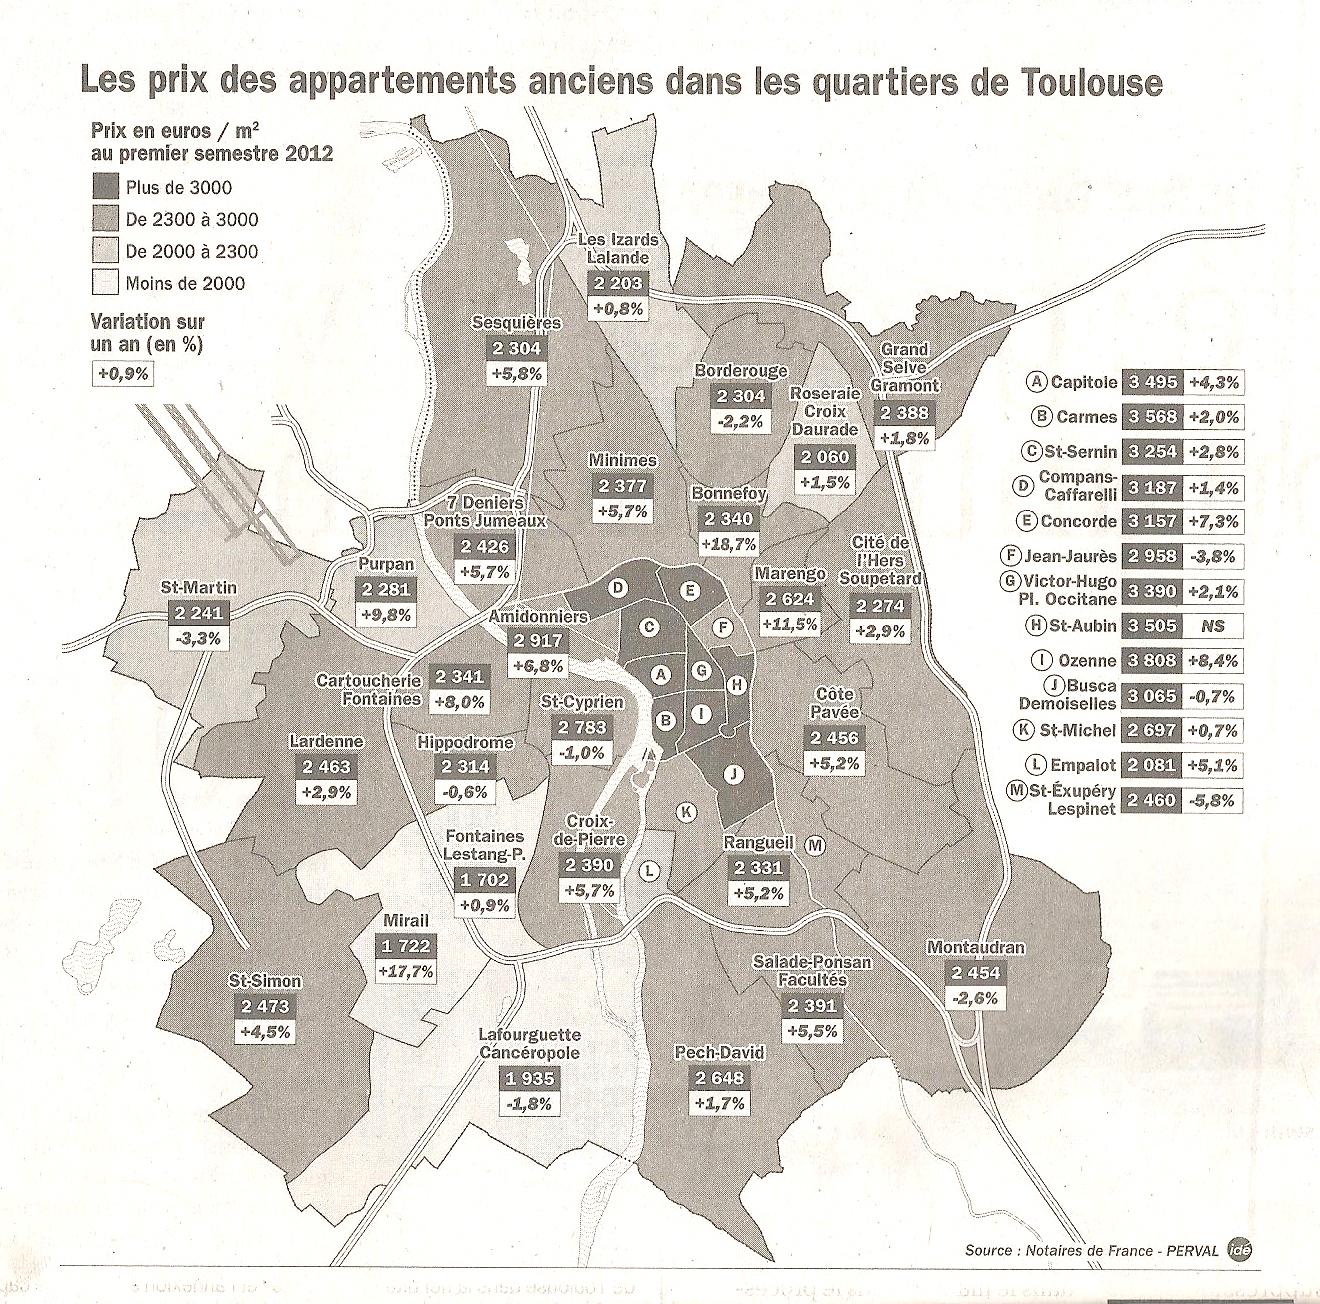 Toulouse immobilier prix vente quartiers 20121 Toulouse : les prix de vente 2012 par quartiers